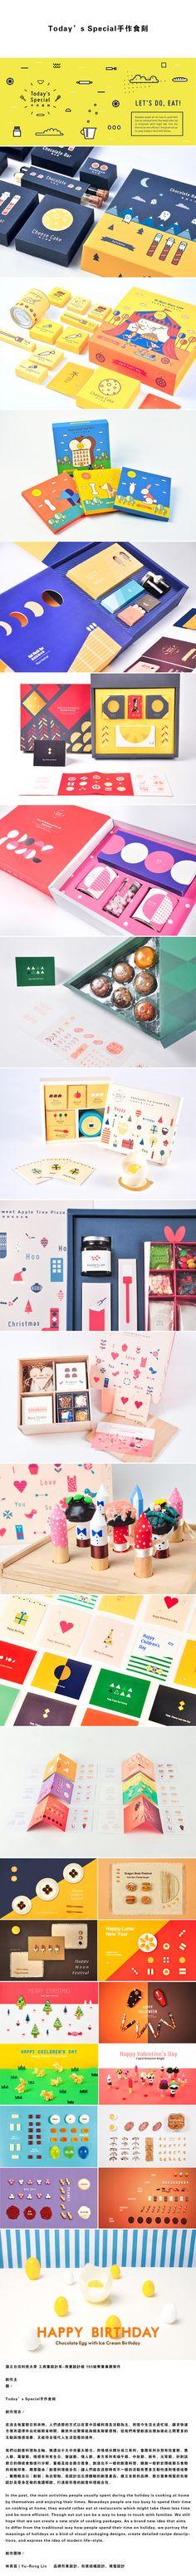 創作主題/  Today's Special手作食刻  創作團隊/  林雨蓉 | Yu-Rong Lin – 品牌形象設計、包裝結構設計、視覺設計 曹雅筑 | Ya-Chu Tsao – 食物攝影、包裝結構設計、視覺設計、概念宣傳影片